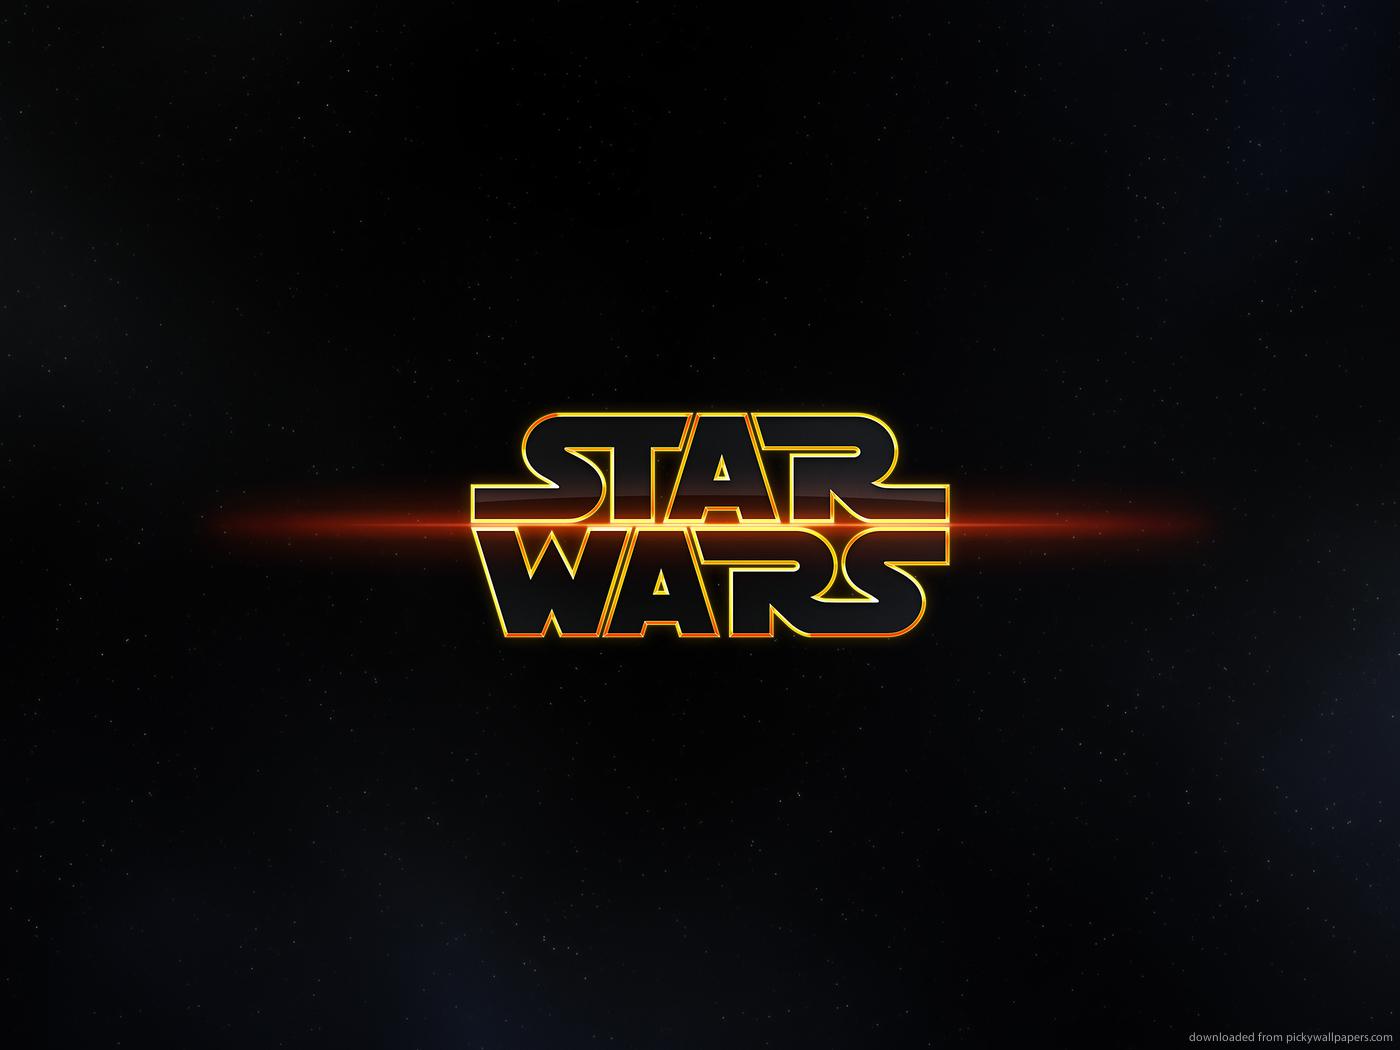 Star Wars Kindle Wallpaper Wallpapersafari